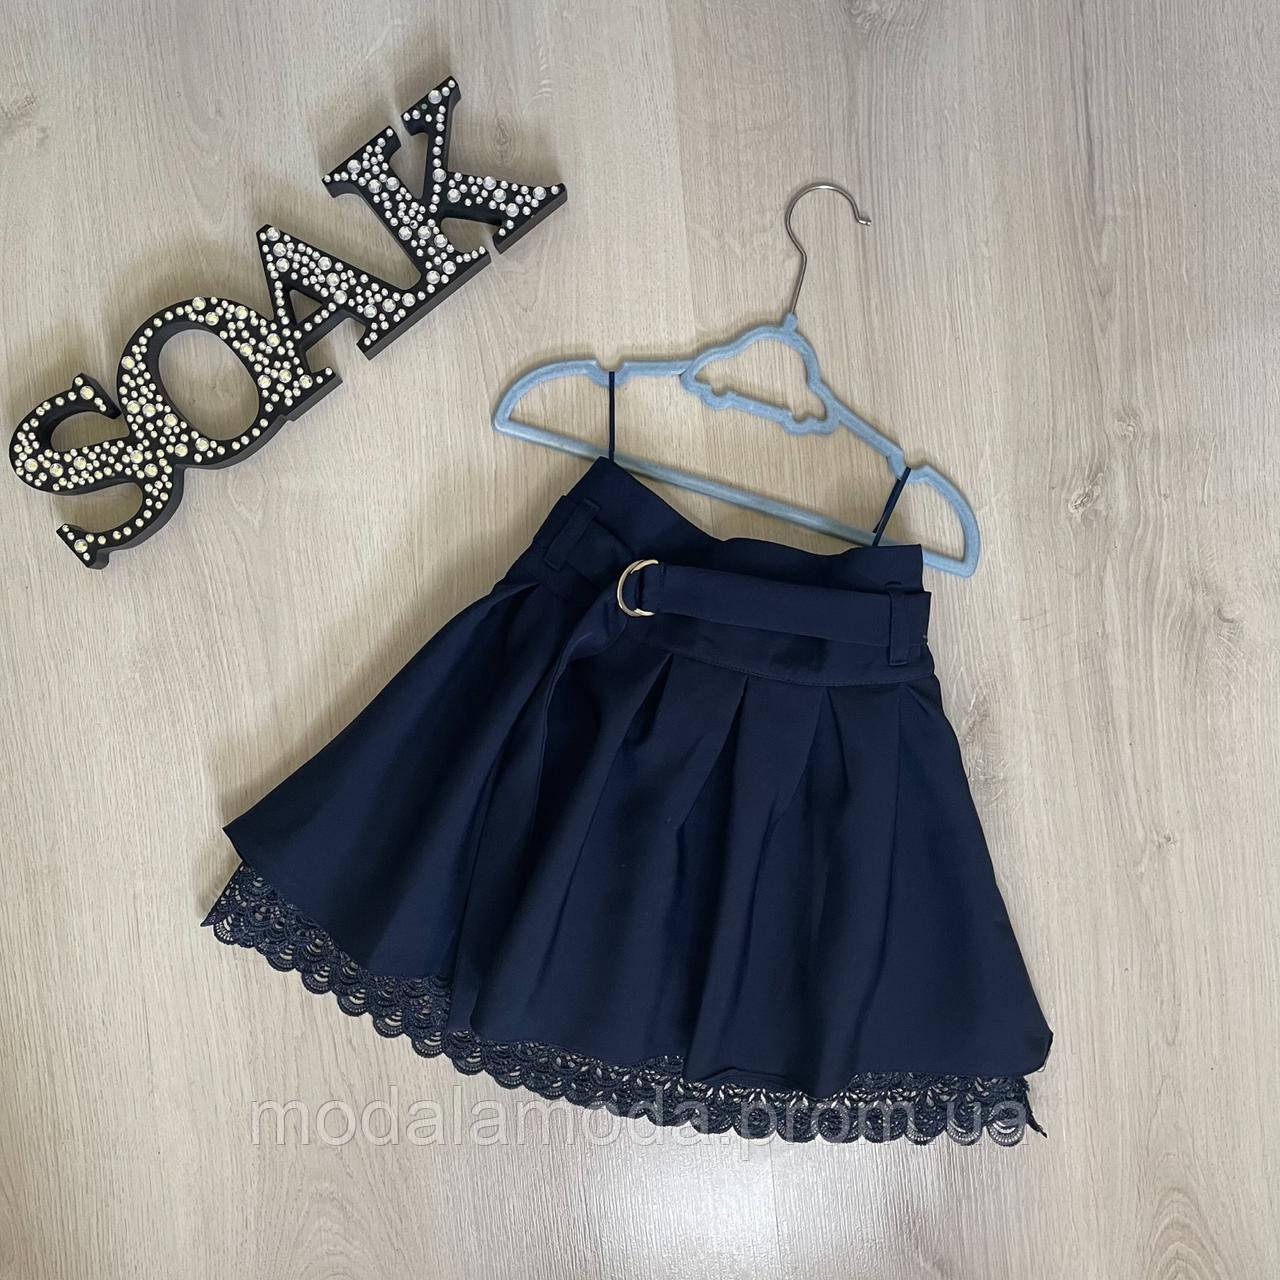 Юбка школьная для девочки синяя с кружевом